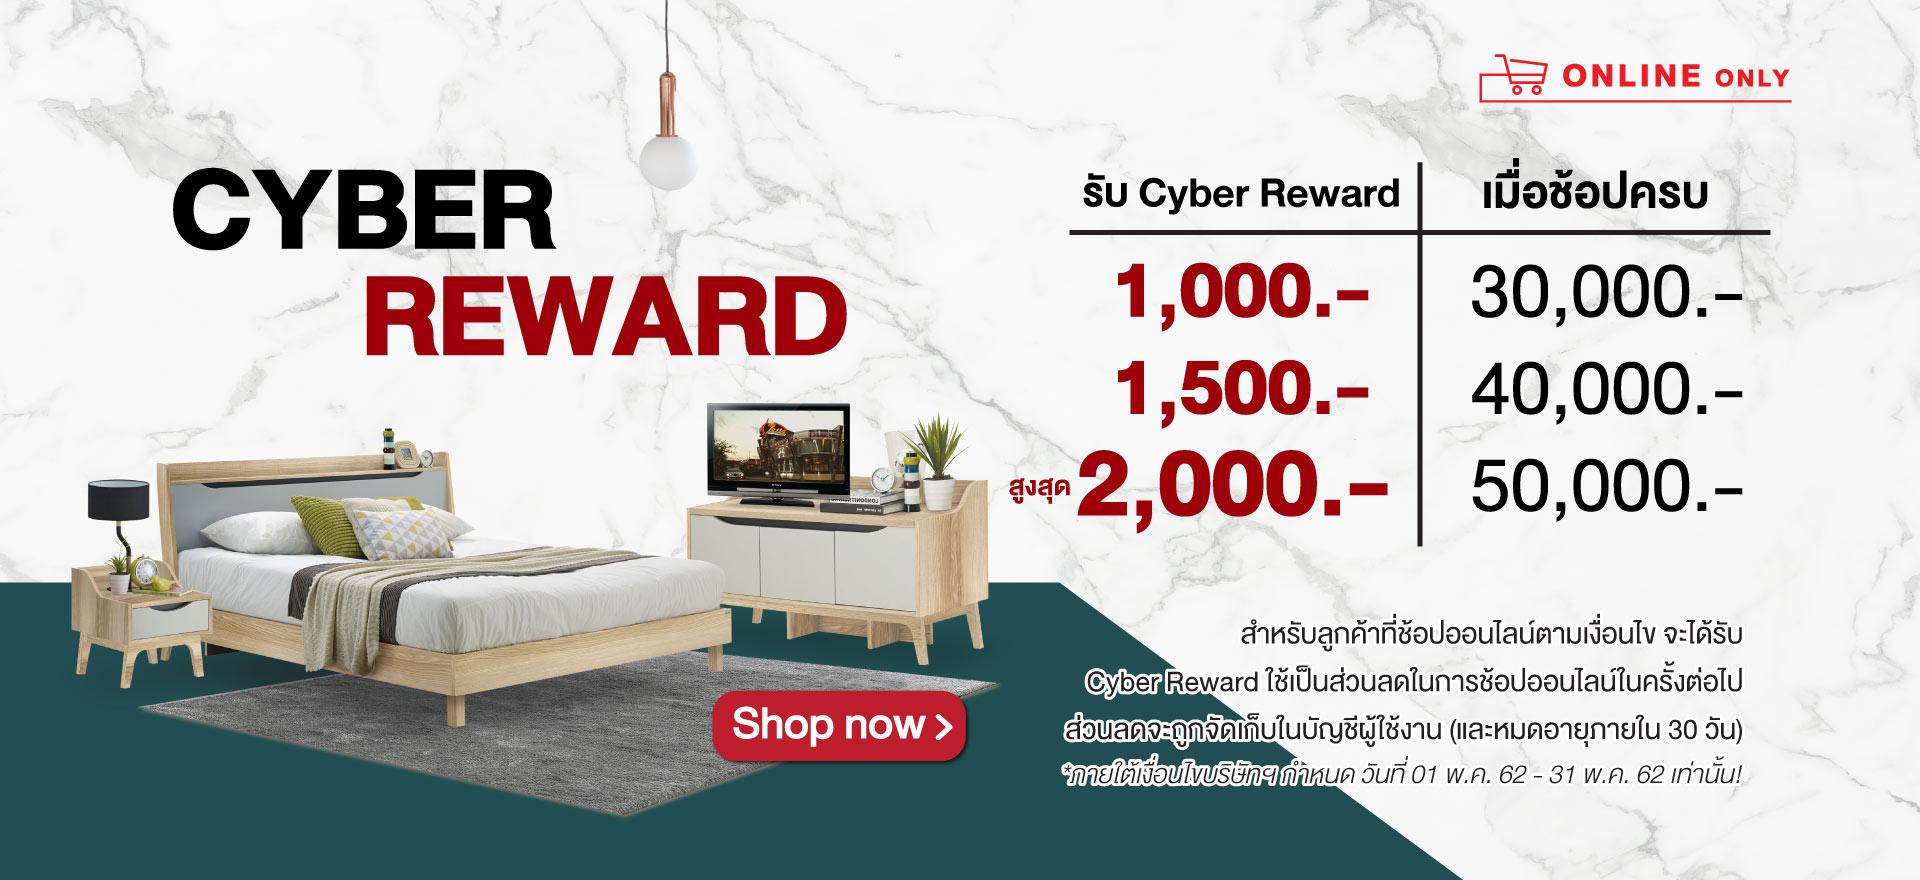 รับ Cyber Reward สูงสุด 2,000.-